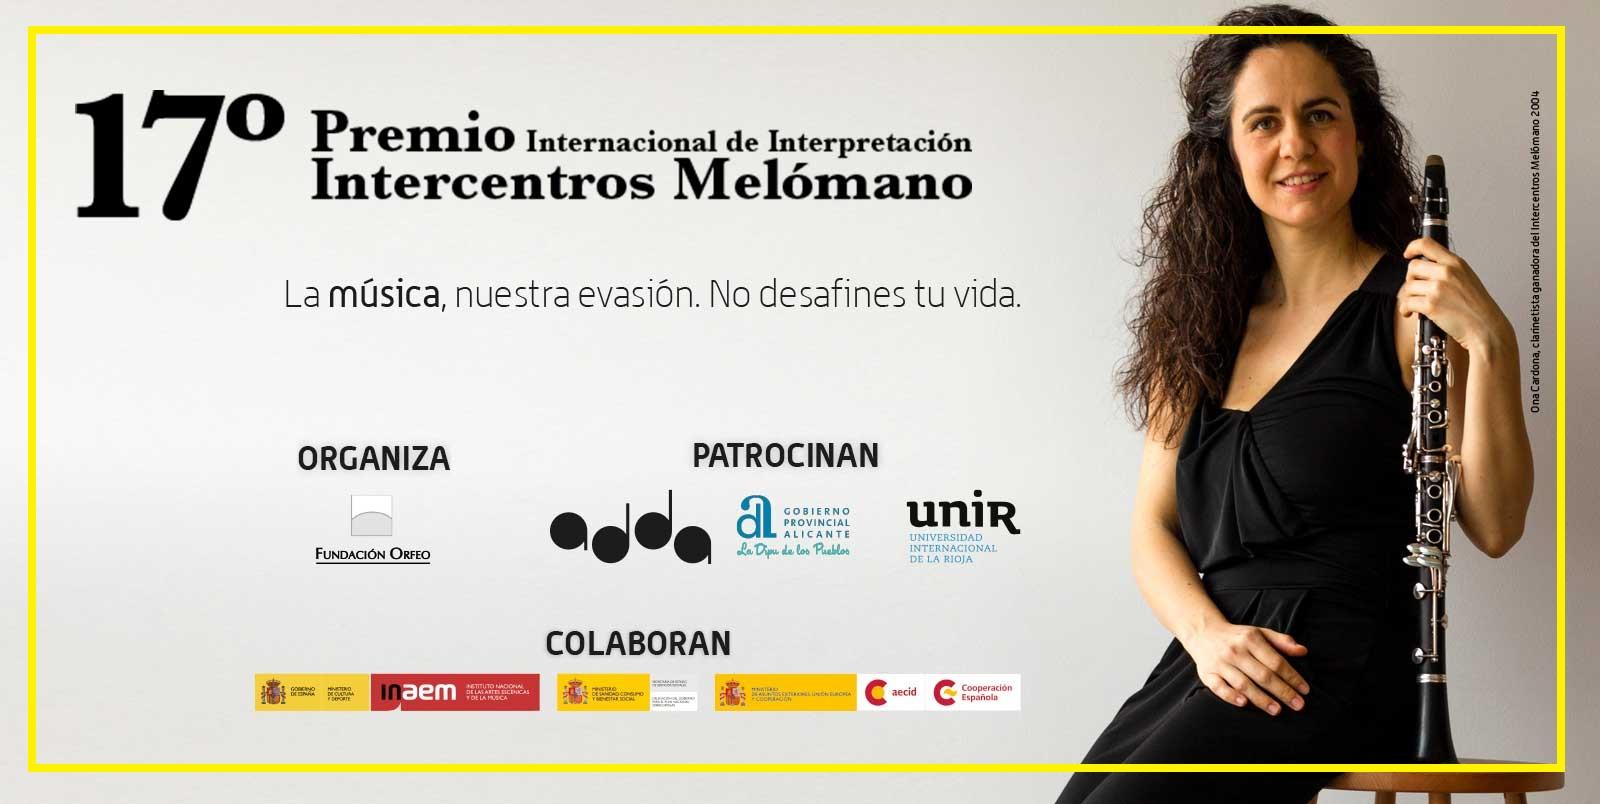 17 Premio De Interpretación Intercentros Melómano